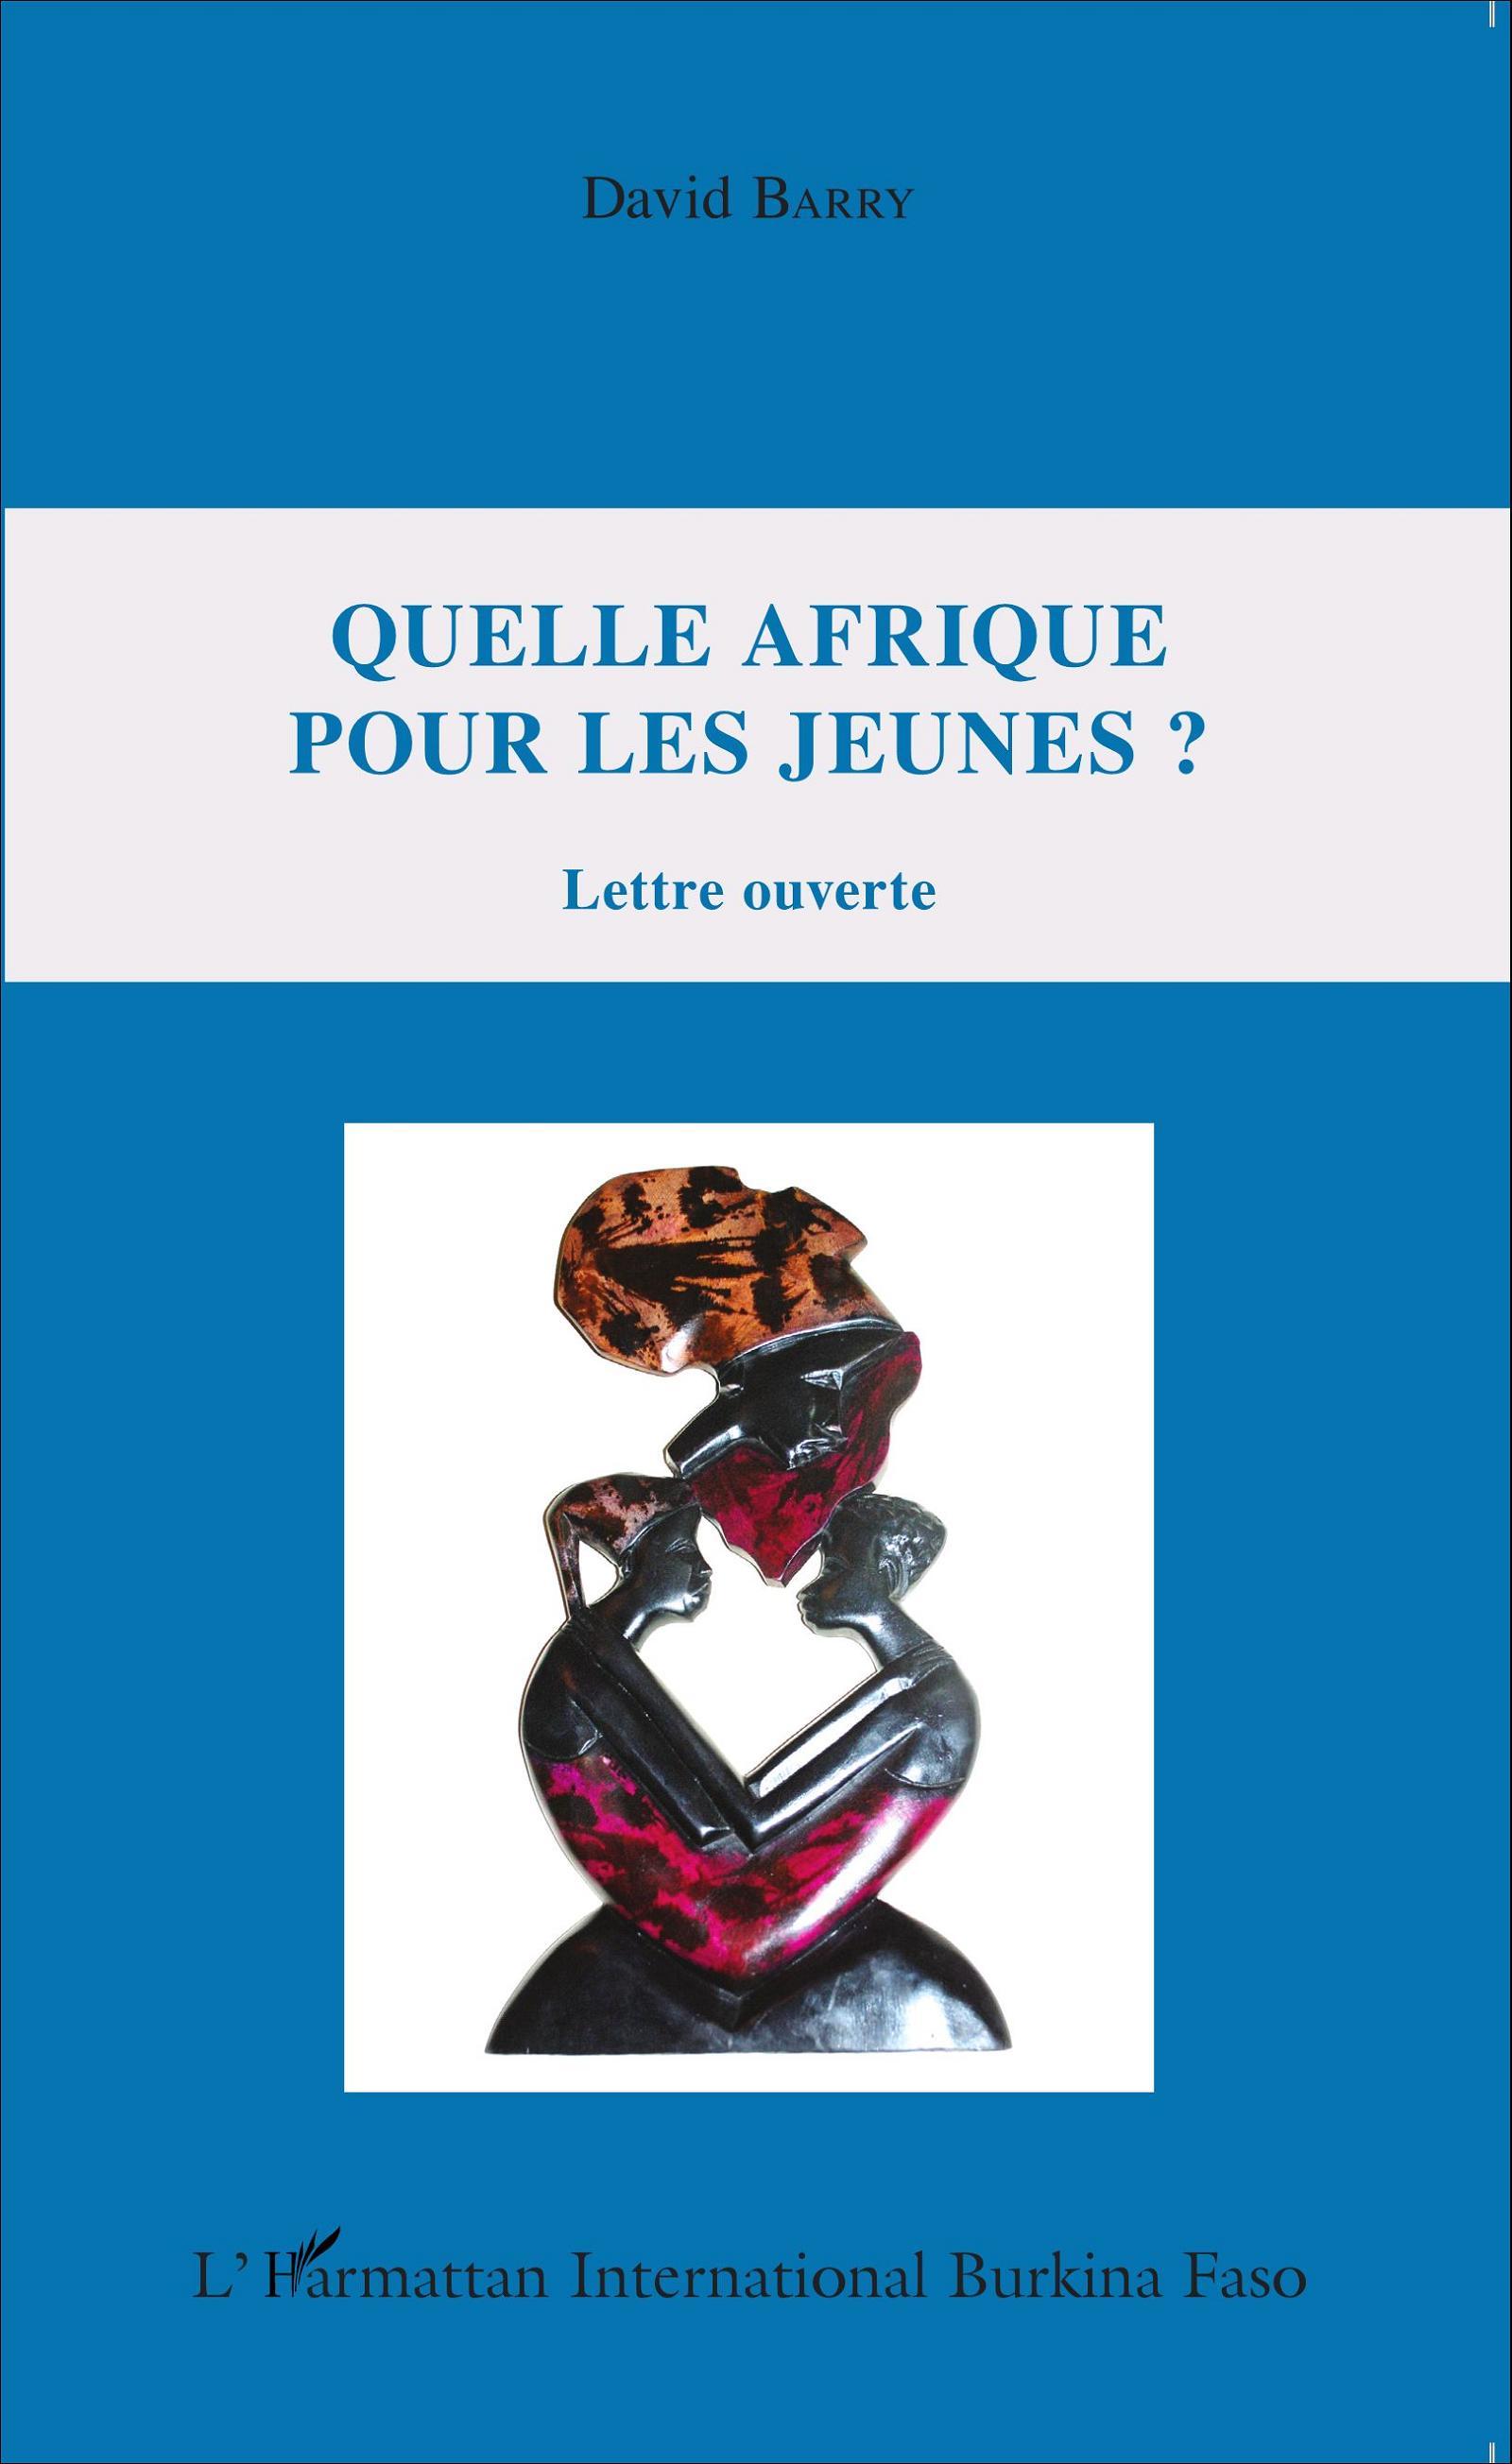 Quelle afrique pour les jeunes lettre ouverte david for Quelle fr catalogue 2013